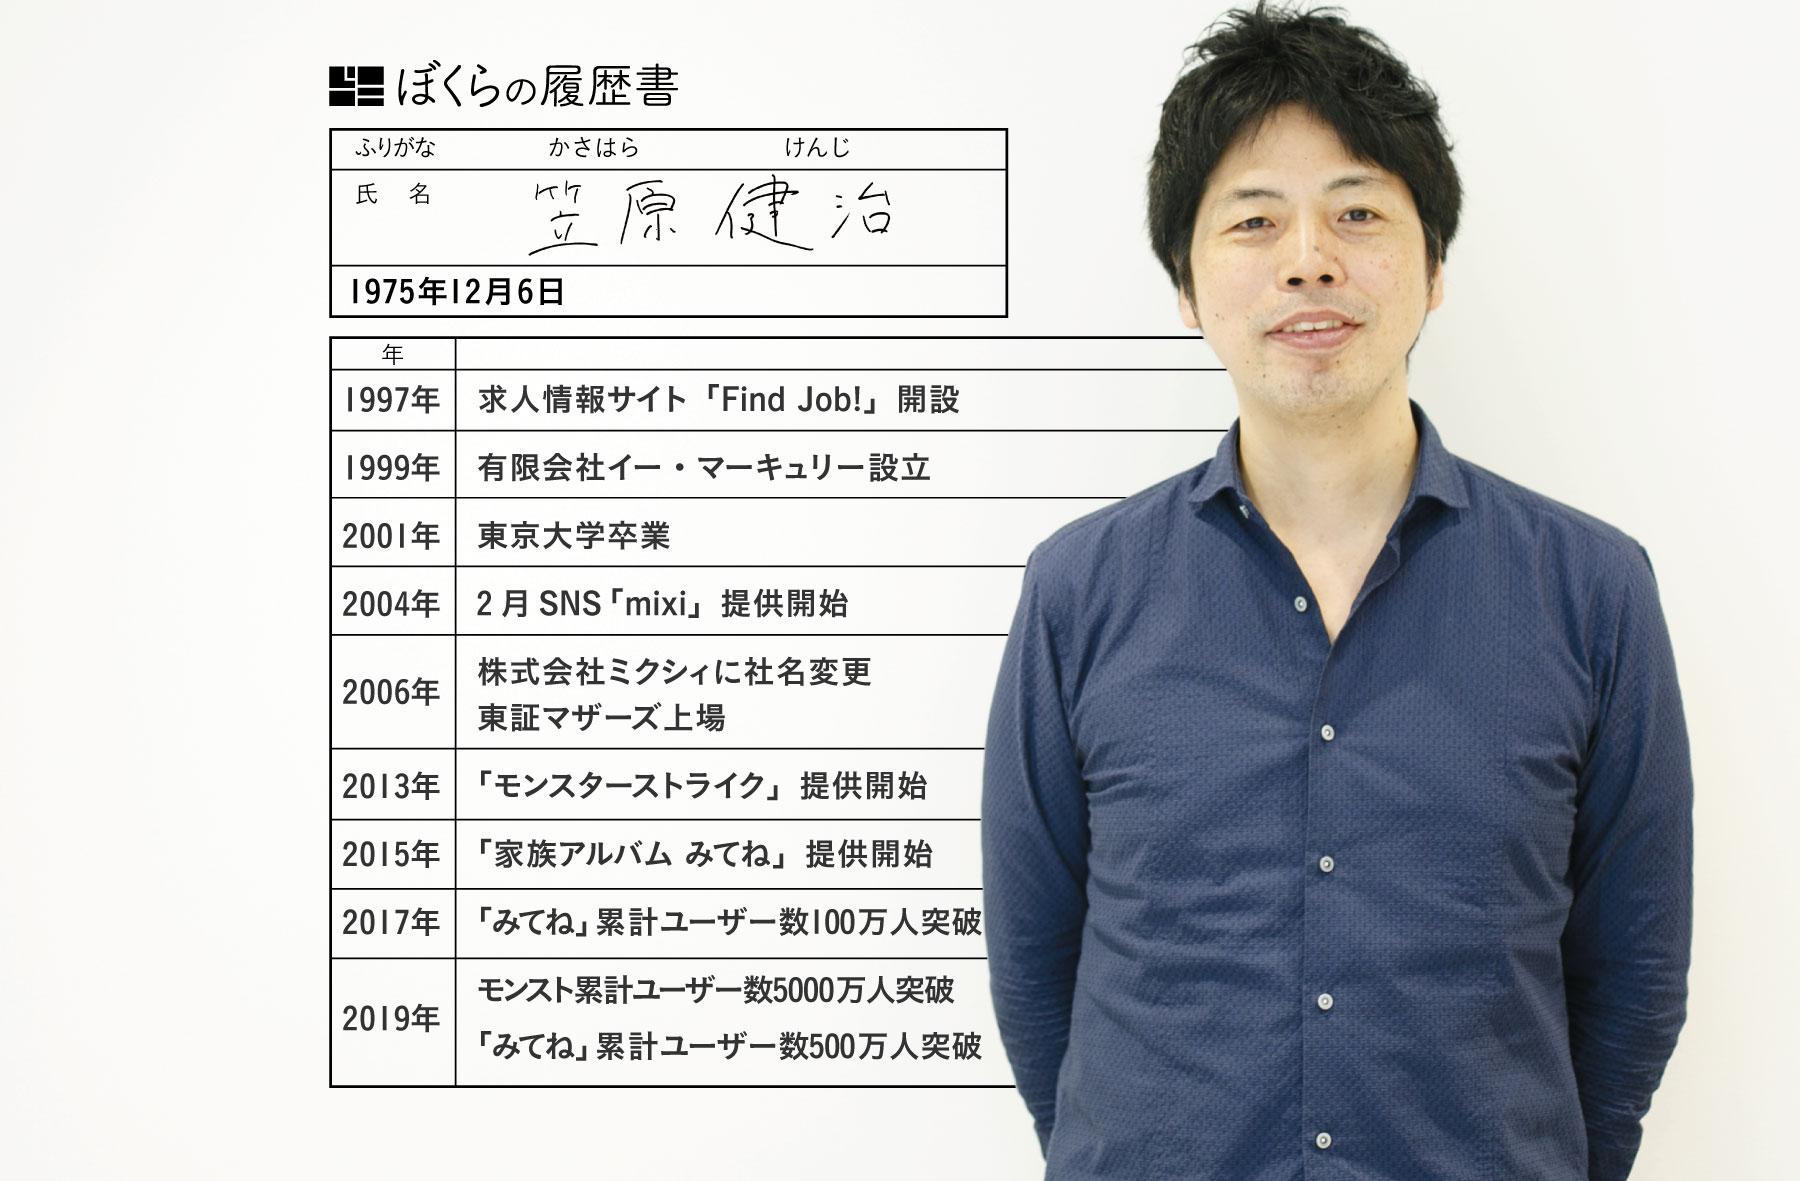 ミクシィ笠原健治さんの履歴書